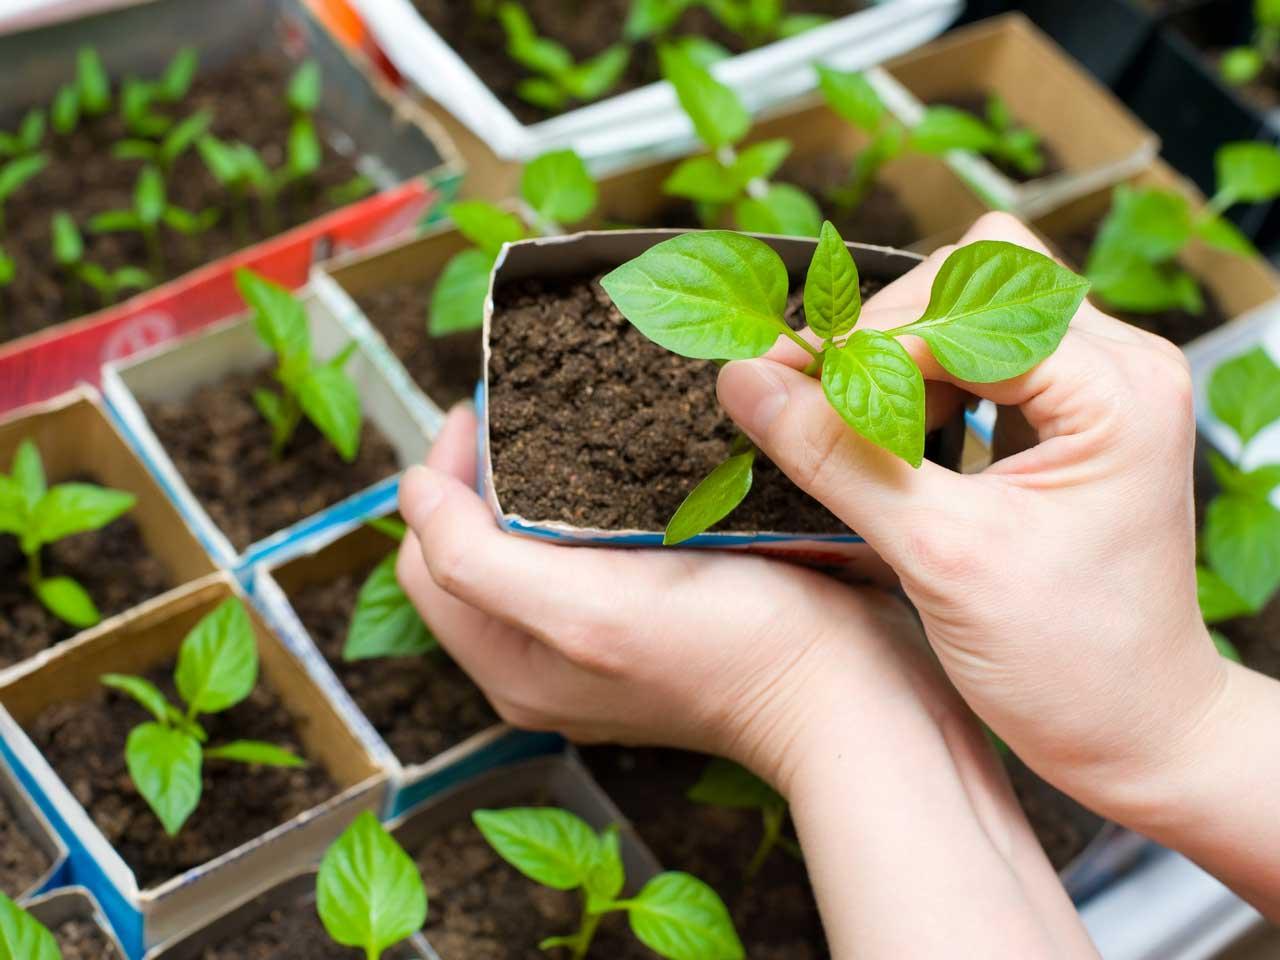 Эта овощная культура очень требовательна к рН грунта и очень плохо растёт на кислых почвах. Высокая урожайность характерна при выращивании перца на высоко плодородных и удобренных почвах